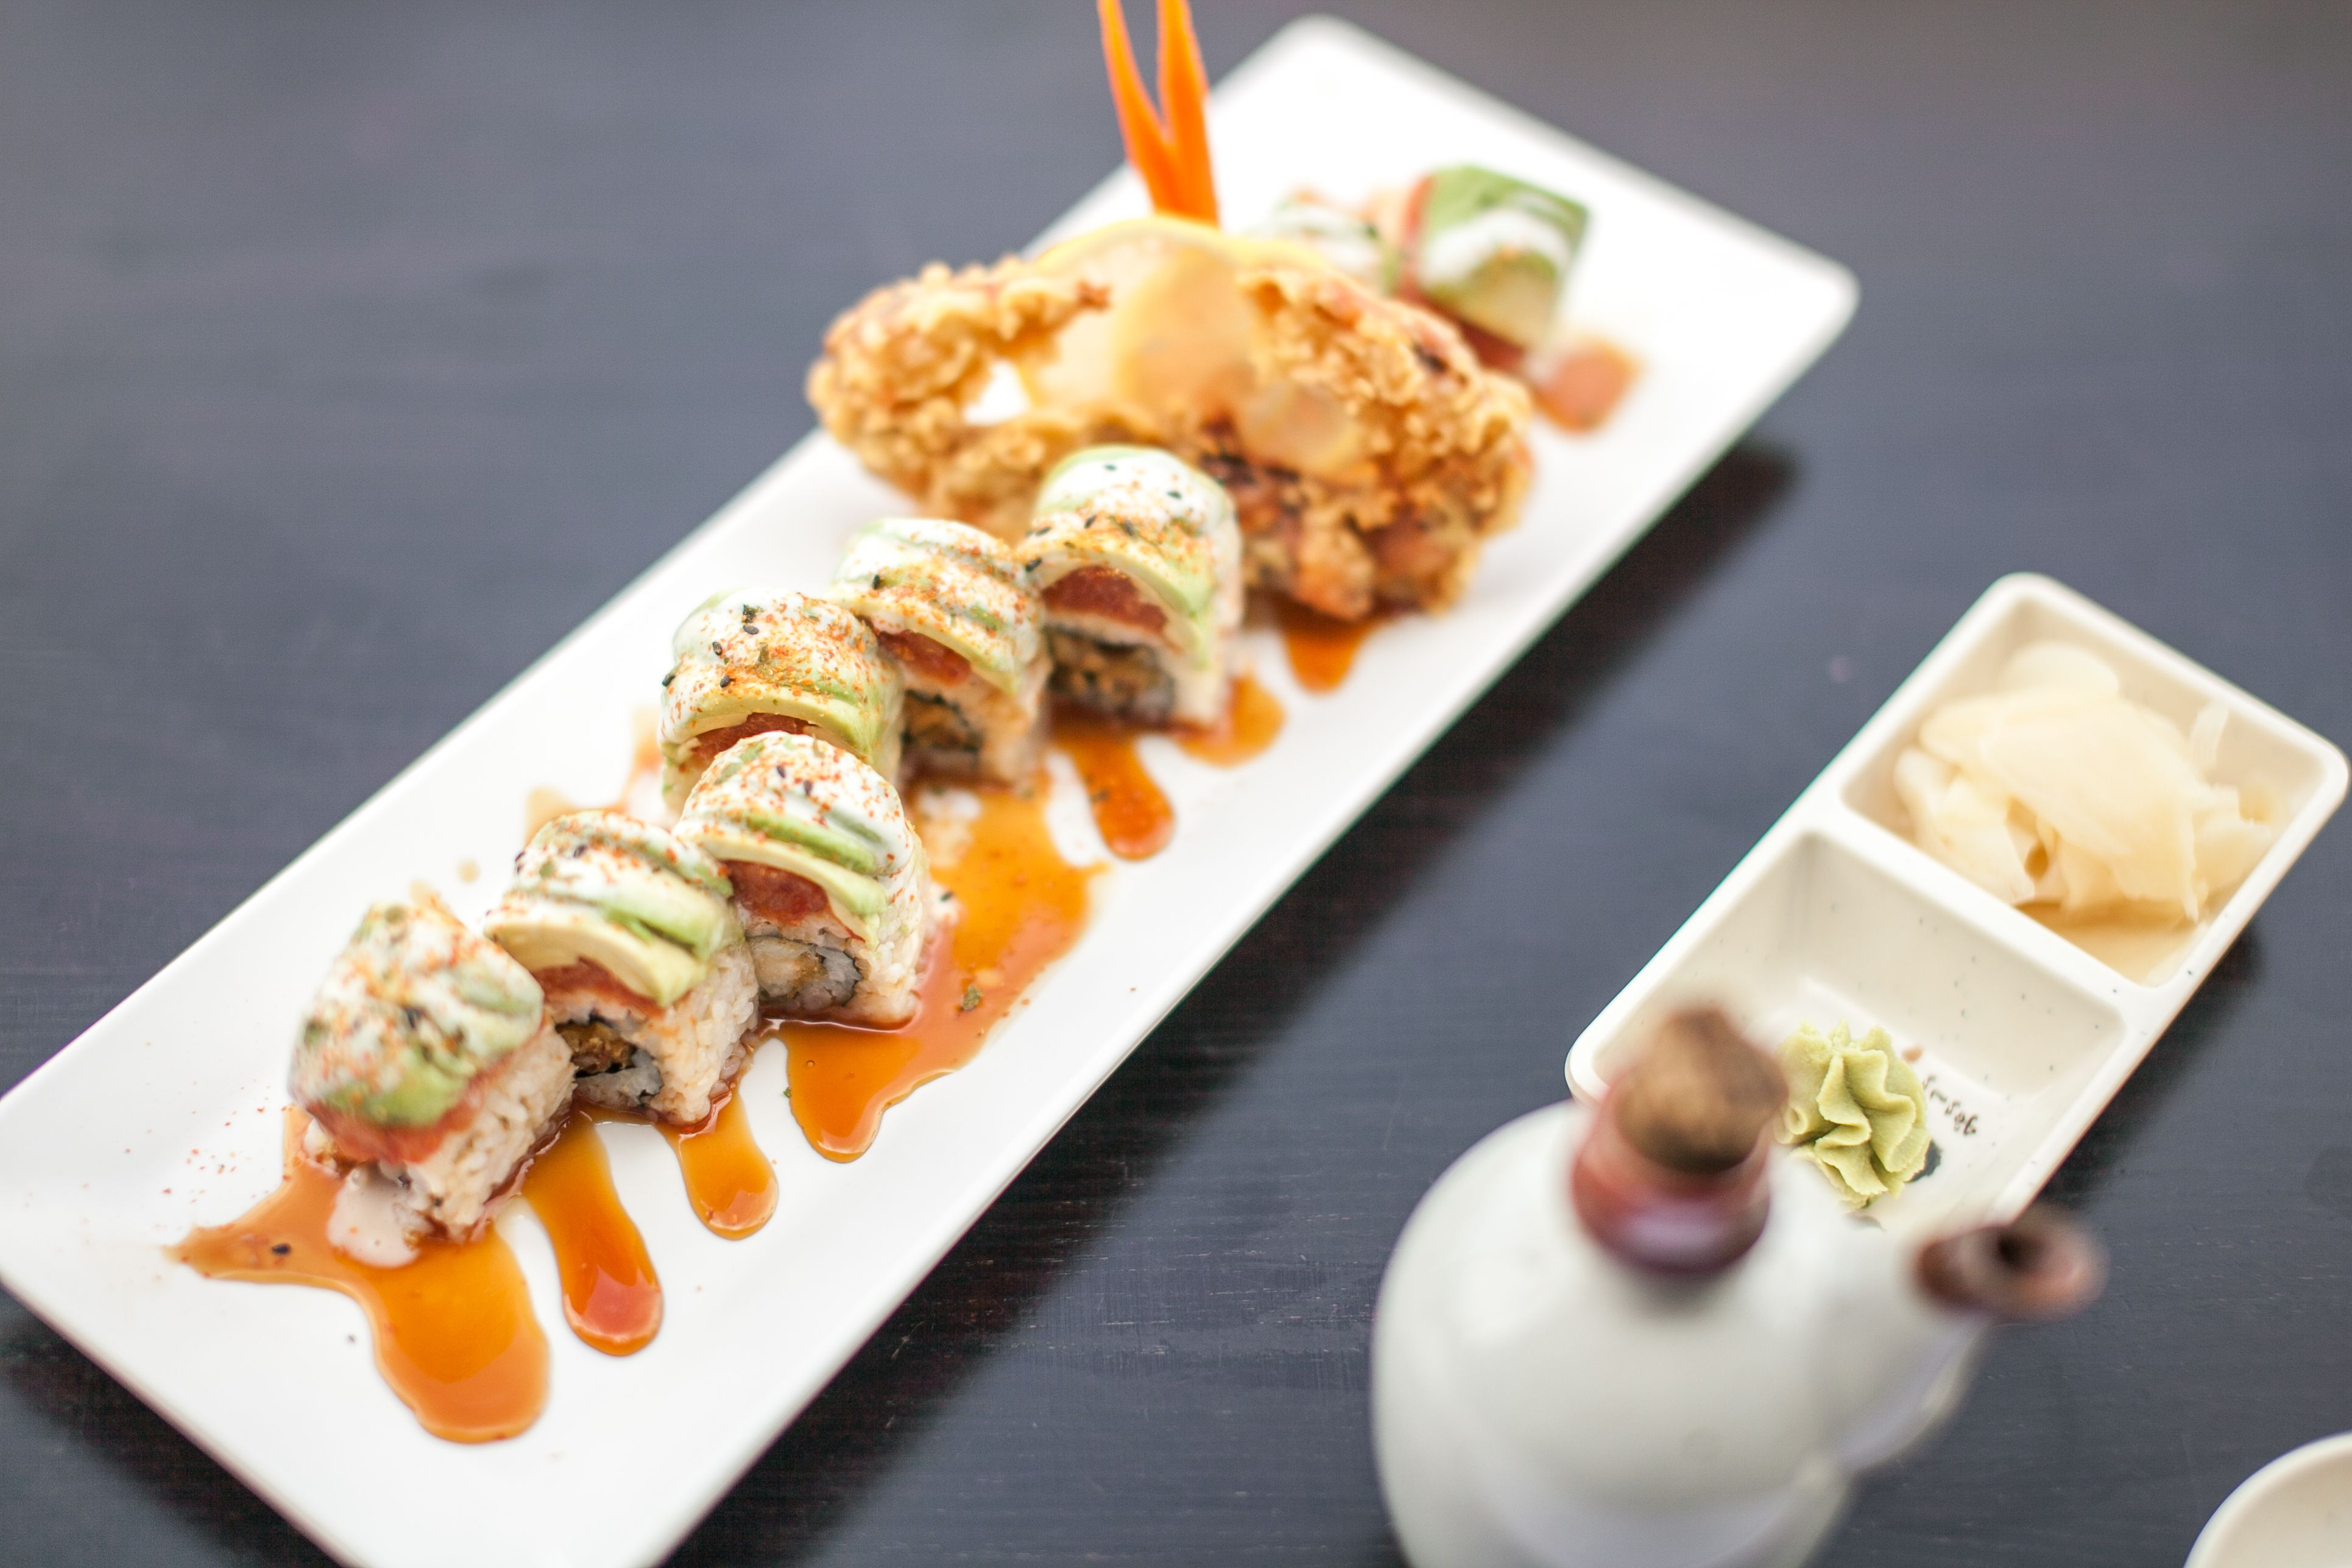 OMFG Roll #sushi #food #delicious #yummy #avocado #spicytuna #softshellcrab #yensushila #losangeles http://www.yensushila.com/ www.facebook.com/yensushila